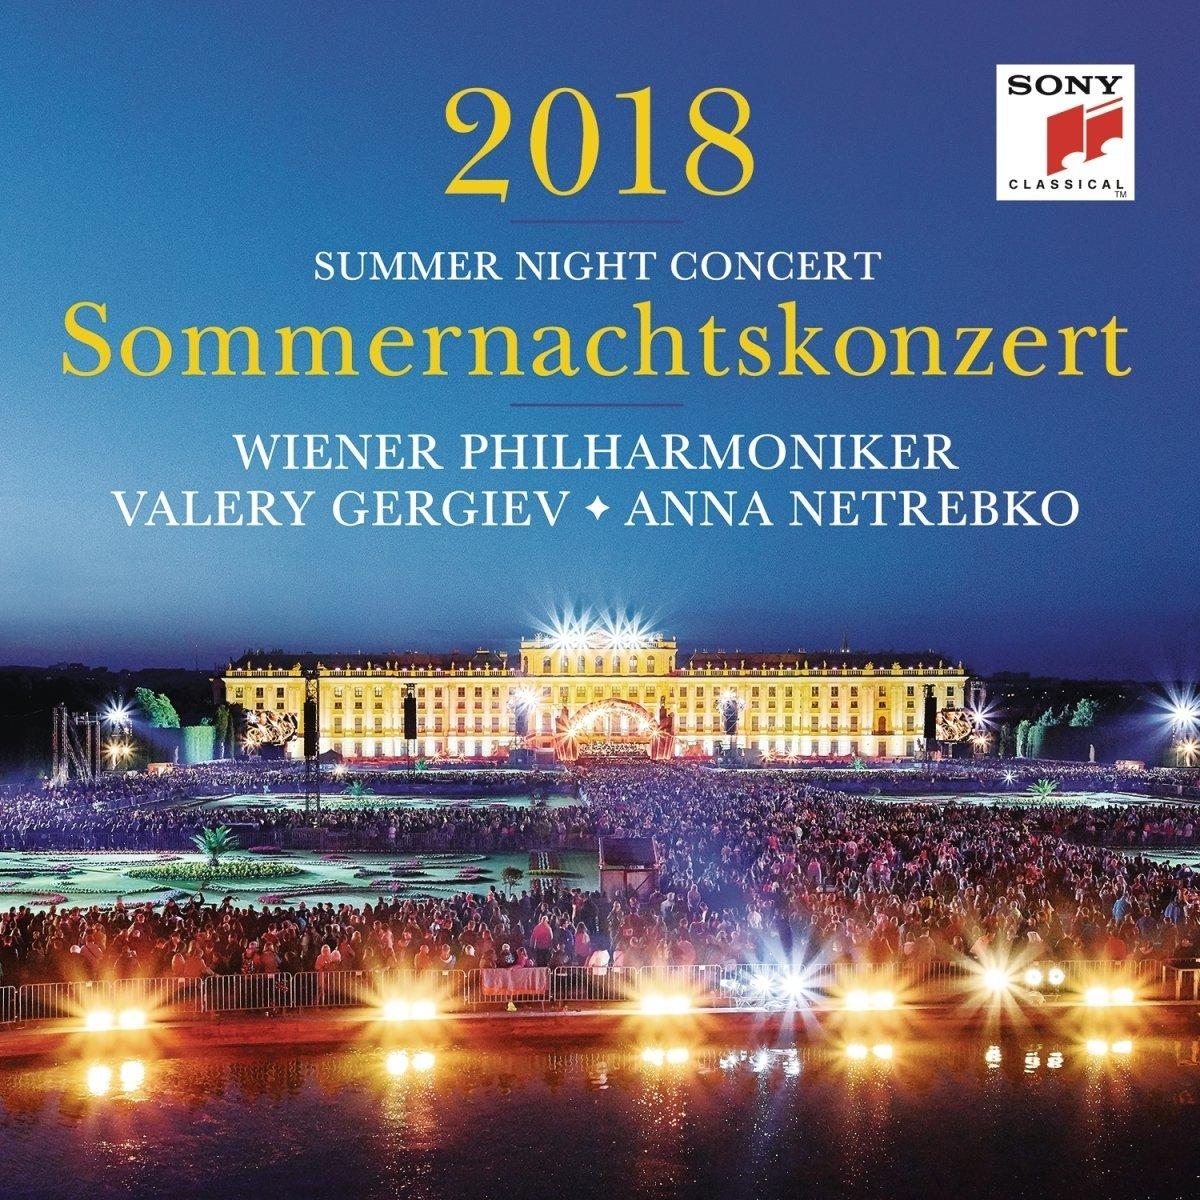 Wiener Philharmoniker Summer Night Concert Schönbrunn 2018